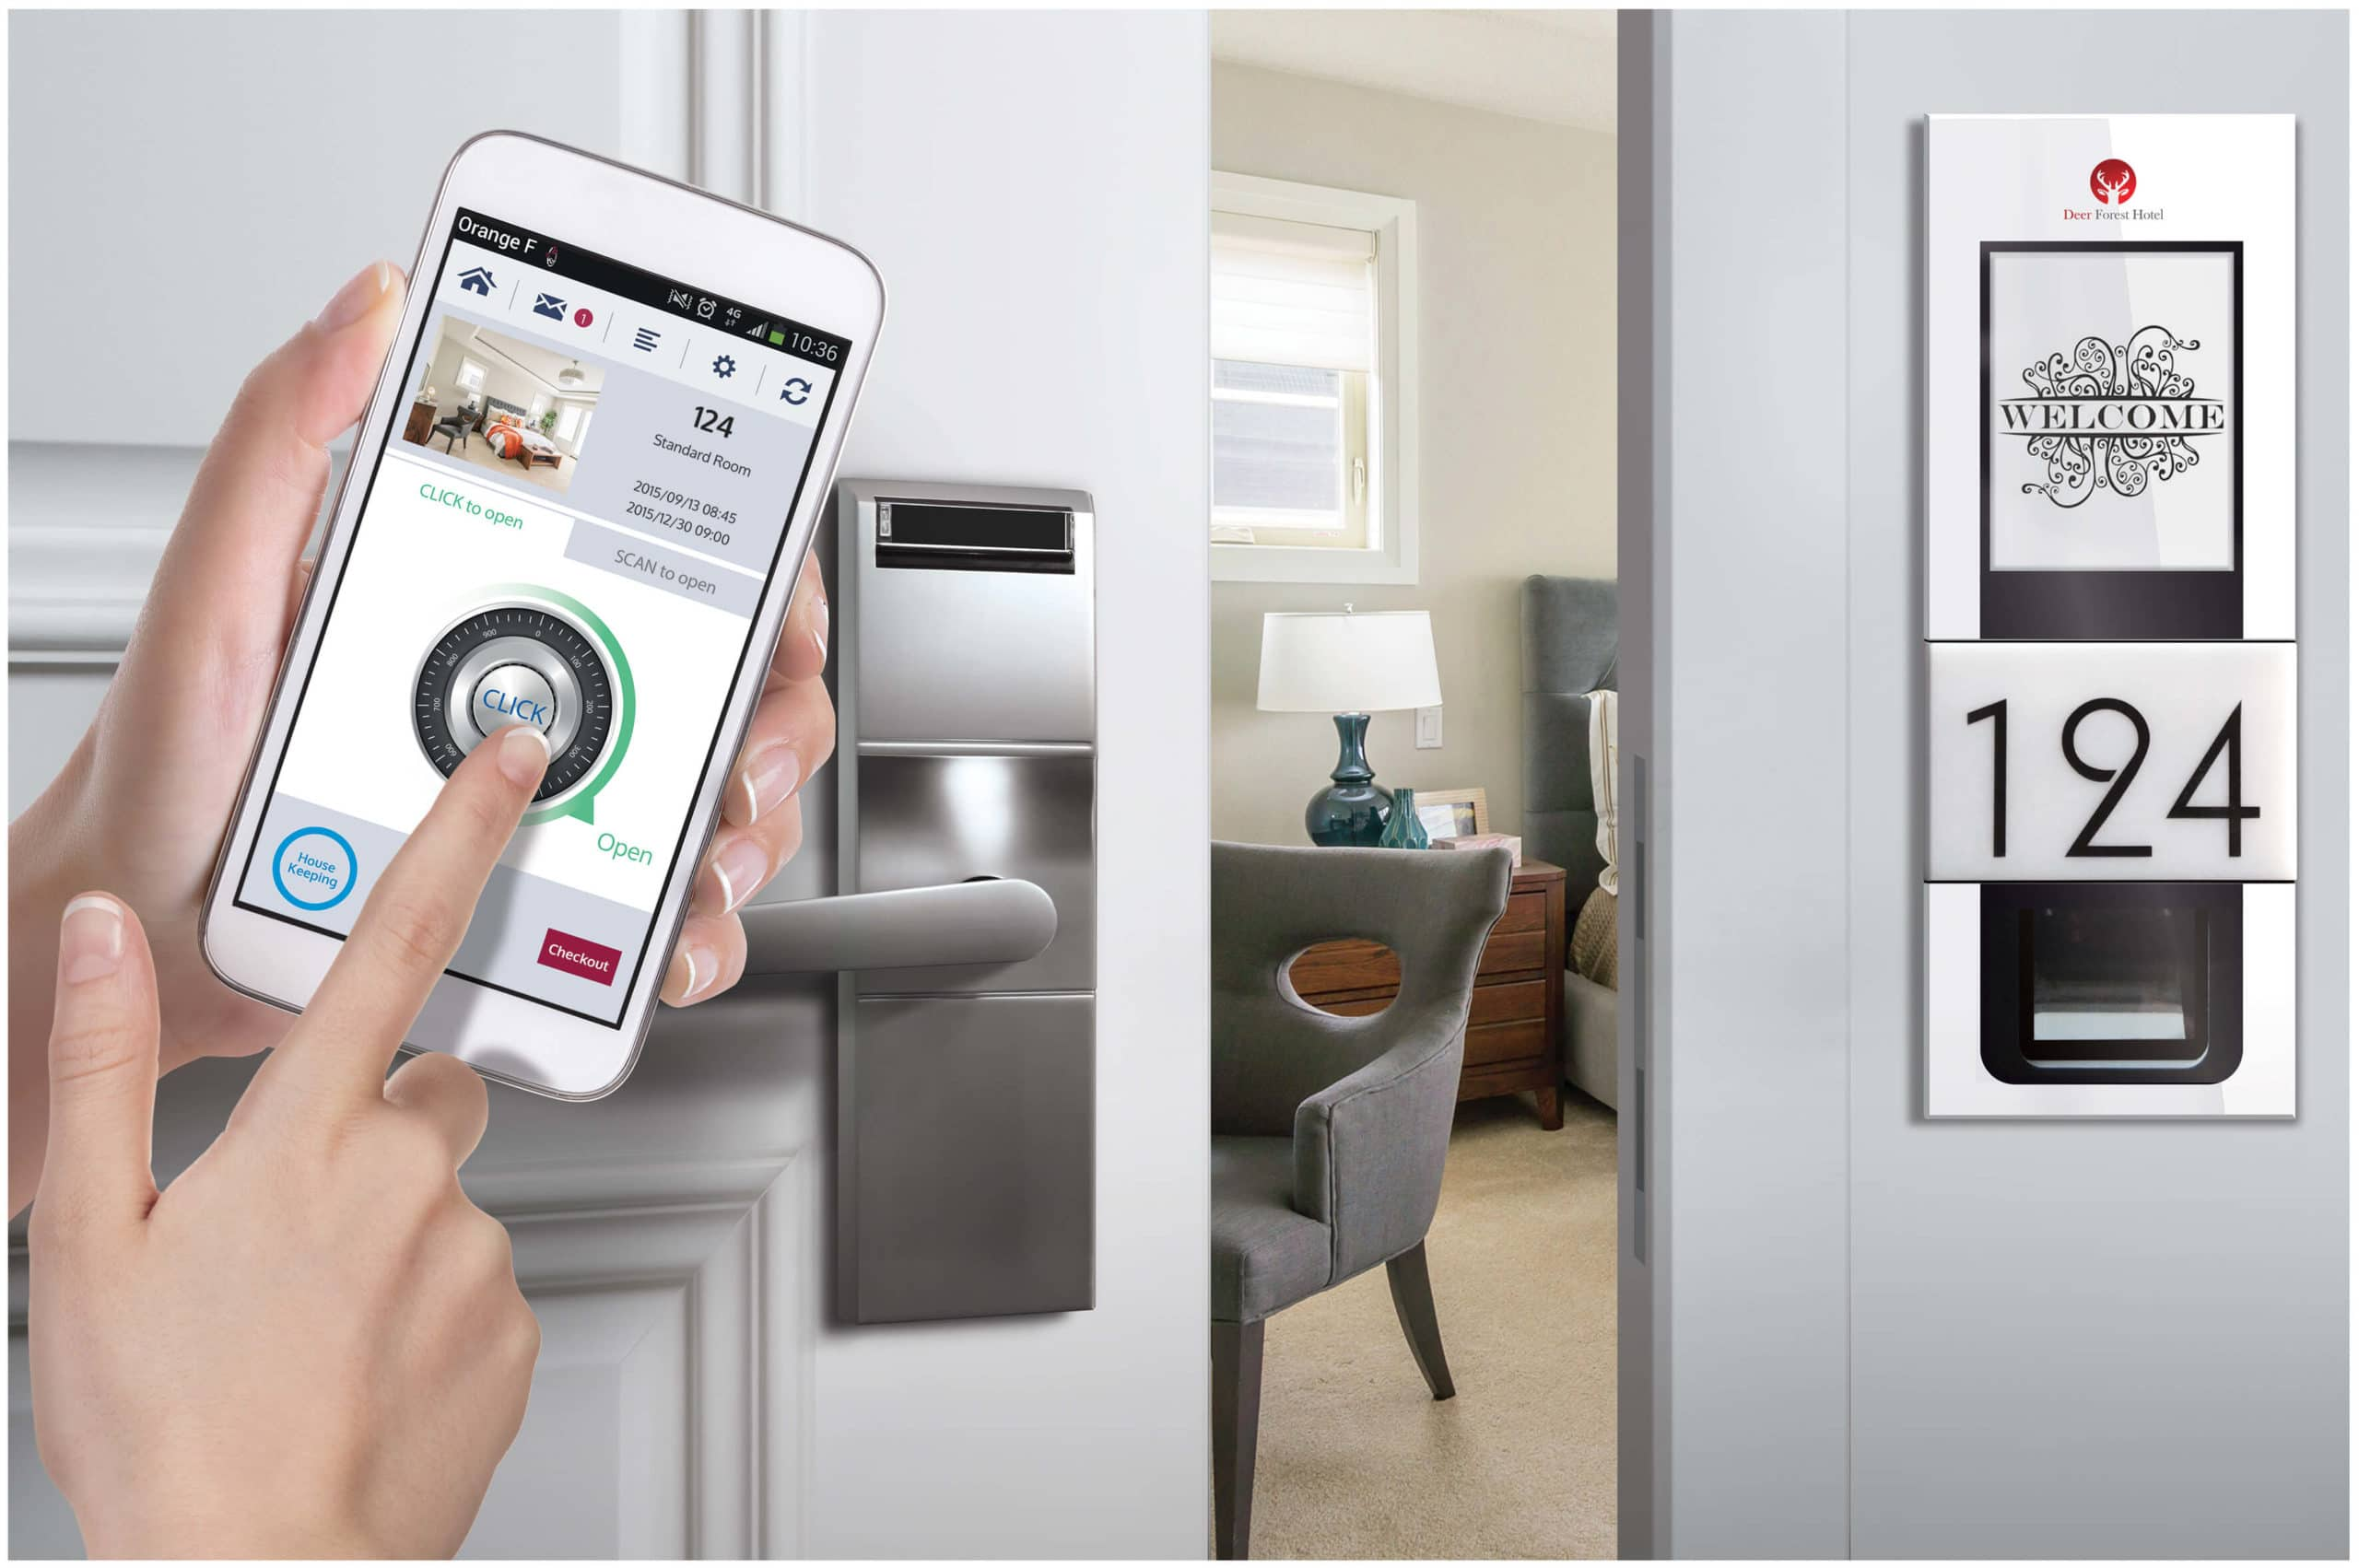 Ouverture de porte avec le système Sesame Technology